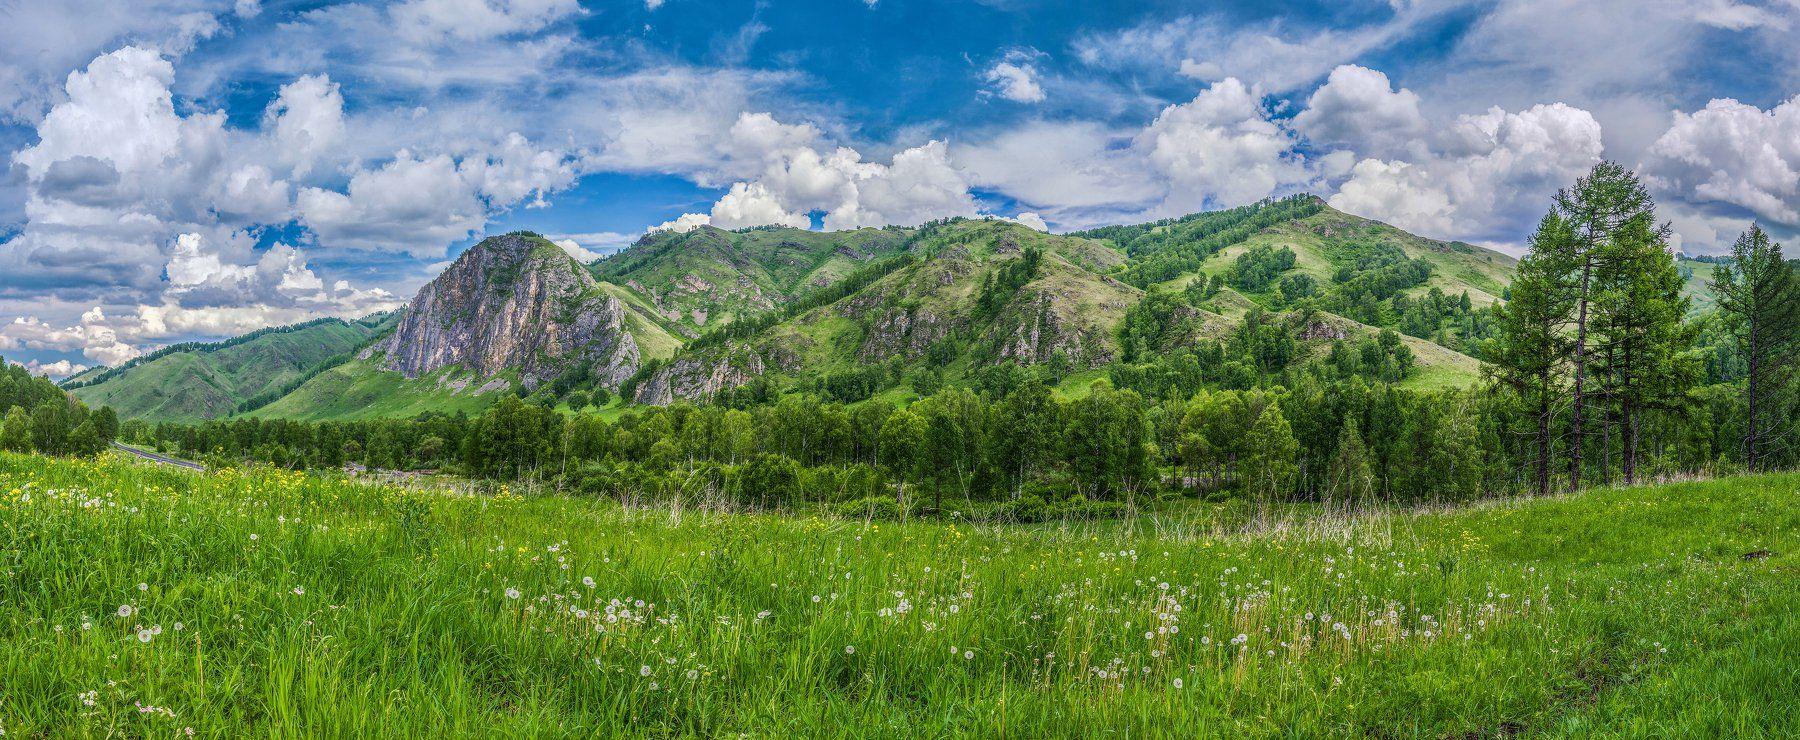 горы, небо, облака, цветы, цветение, деревья, лето, Горный Алтай, пейзаж, природа, Sergey Oslopov